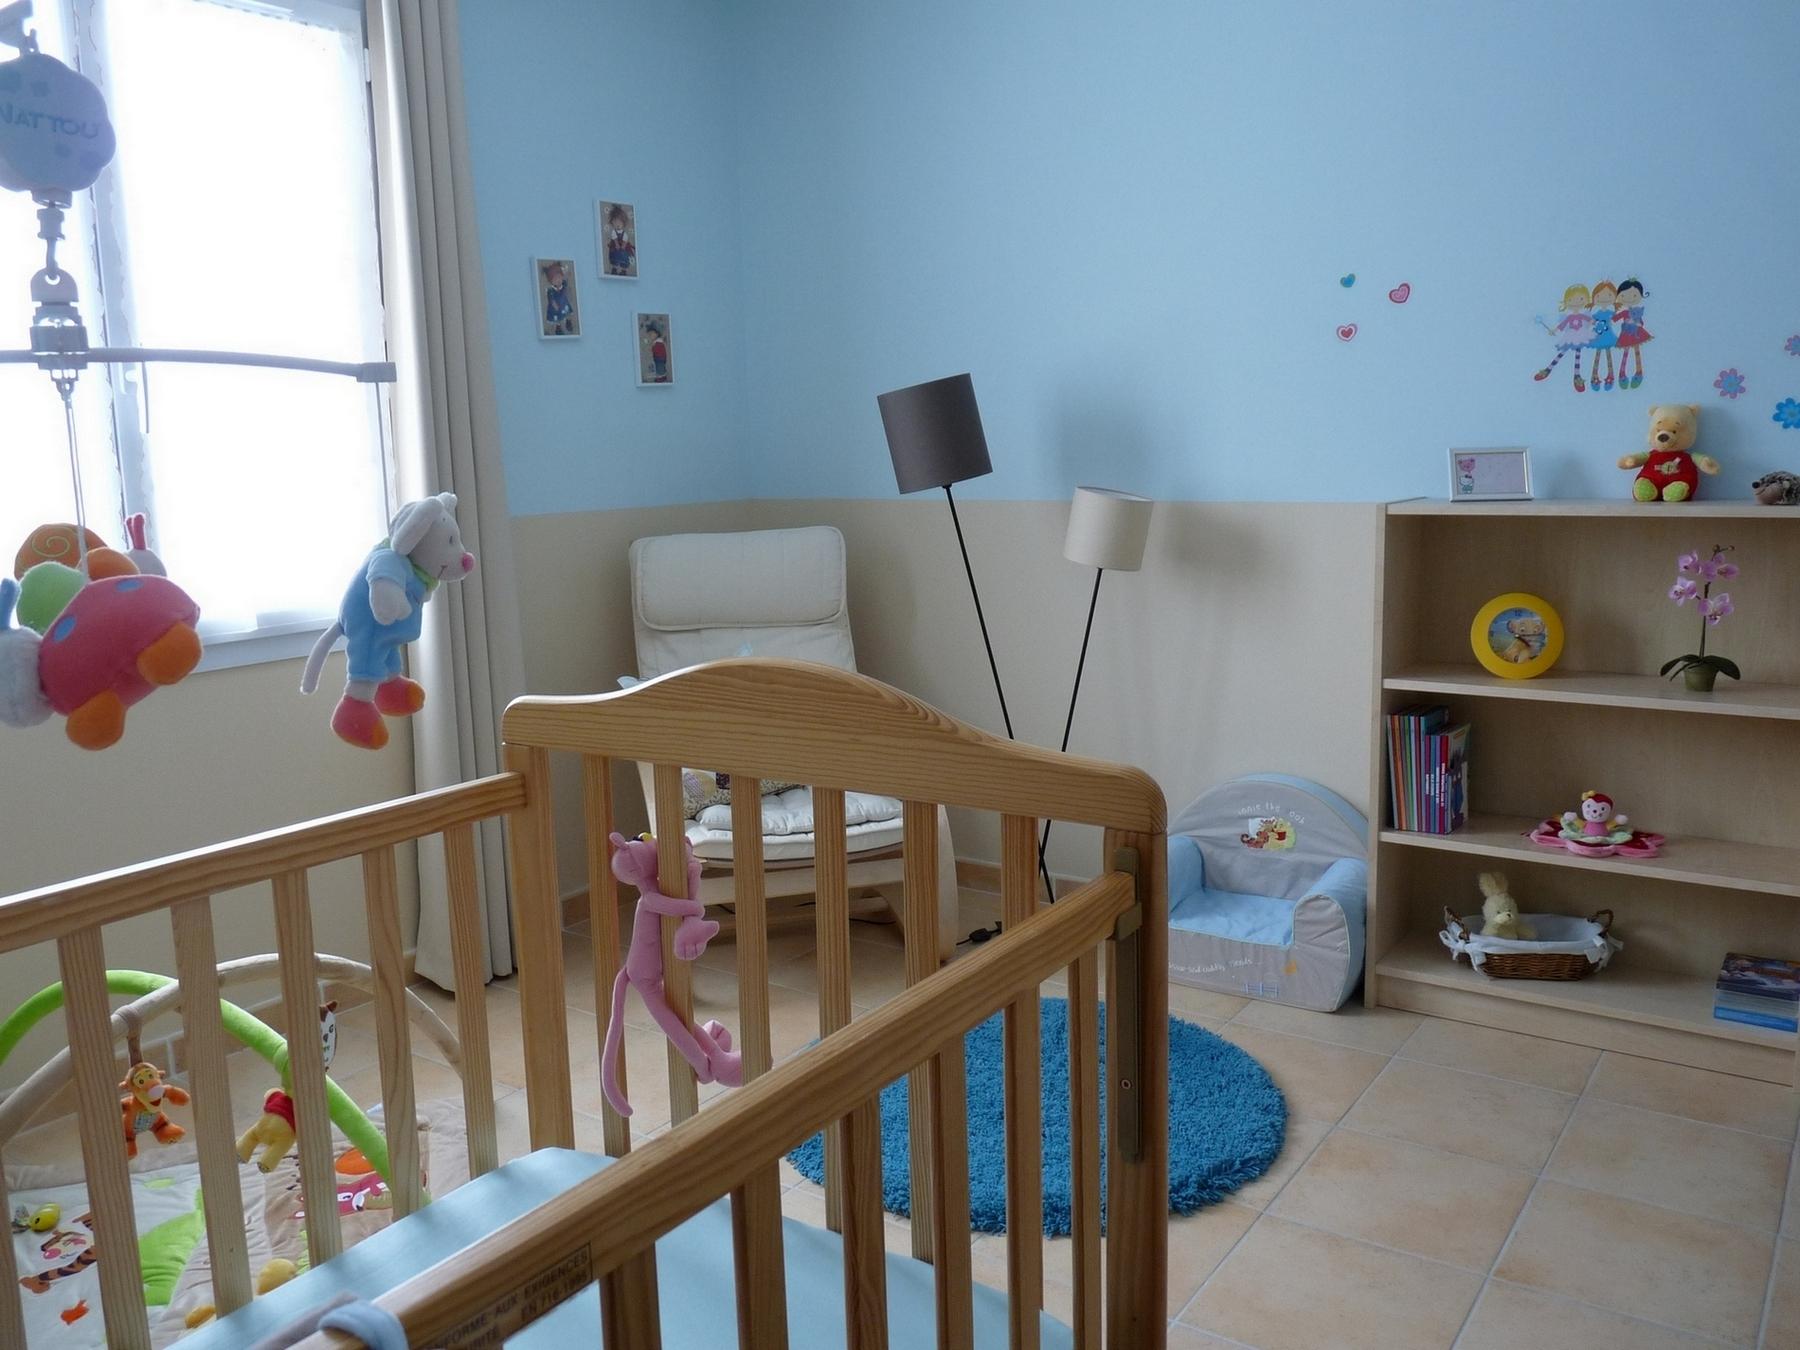 Idées couleurs chambre bébé garçon - Idées de tricot gratuit